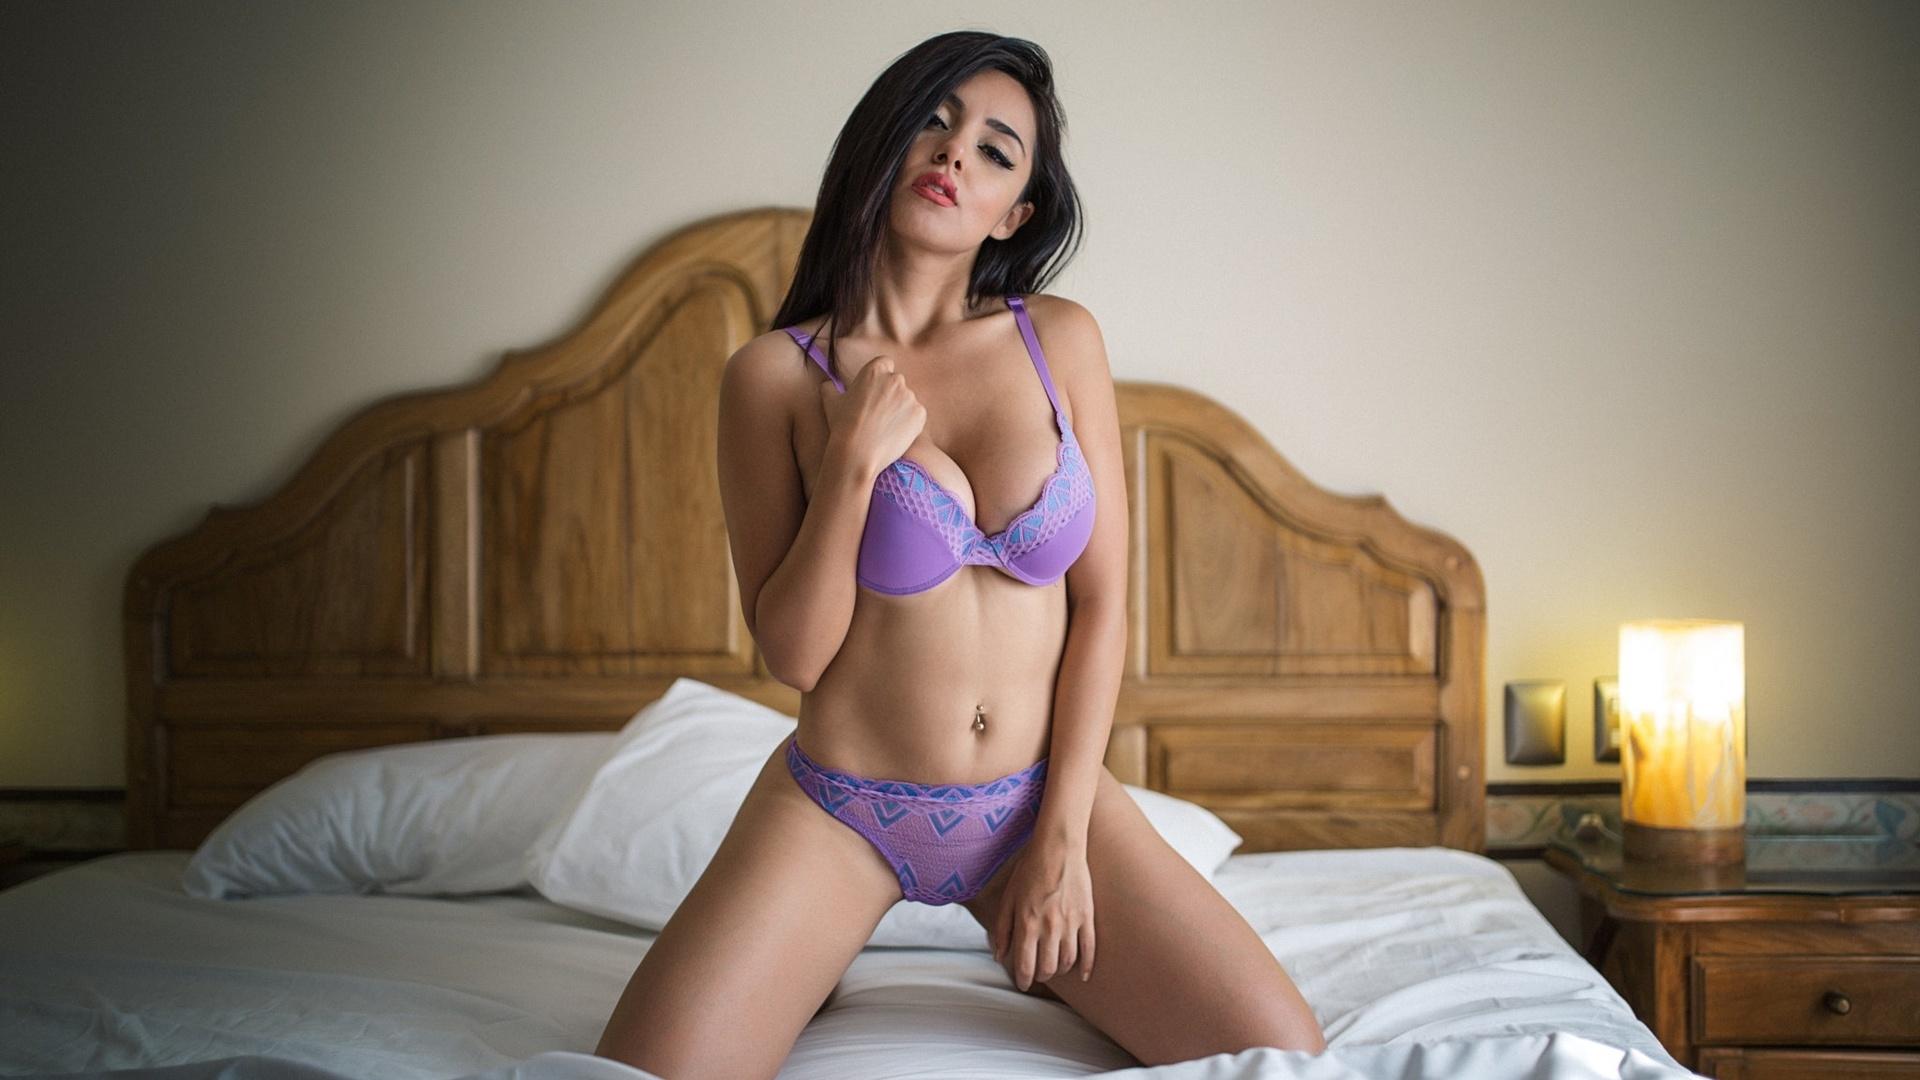 Petite brunette on bed girls